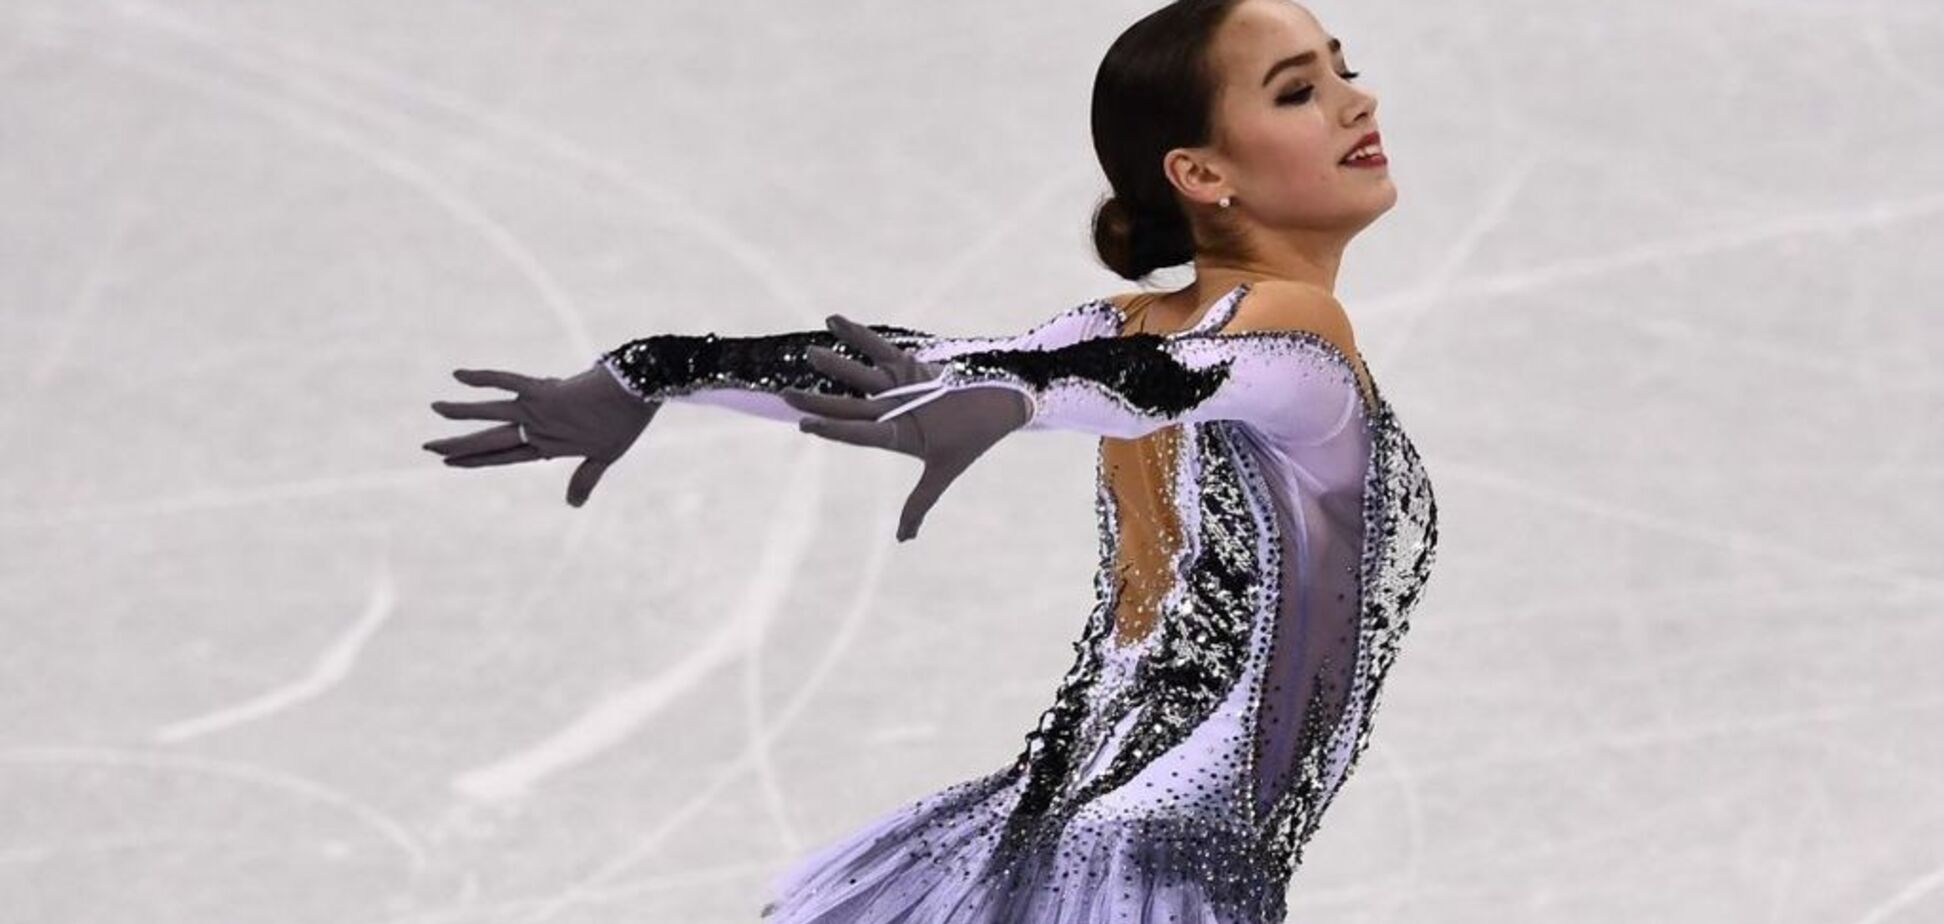 Дерзкая: 16-летняя российская чемпионка ОИ-2018 устроила ''стриптиз'' во время выступления - видеофакт